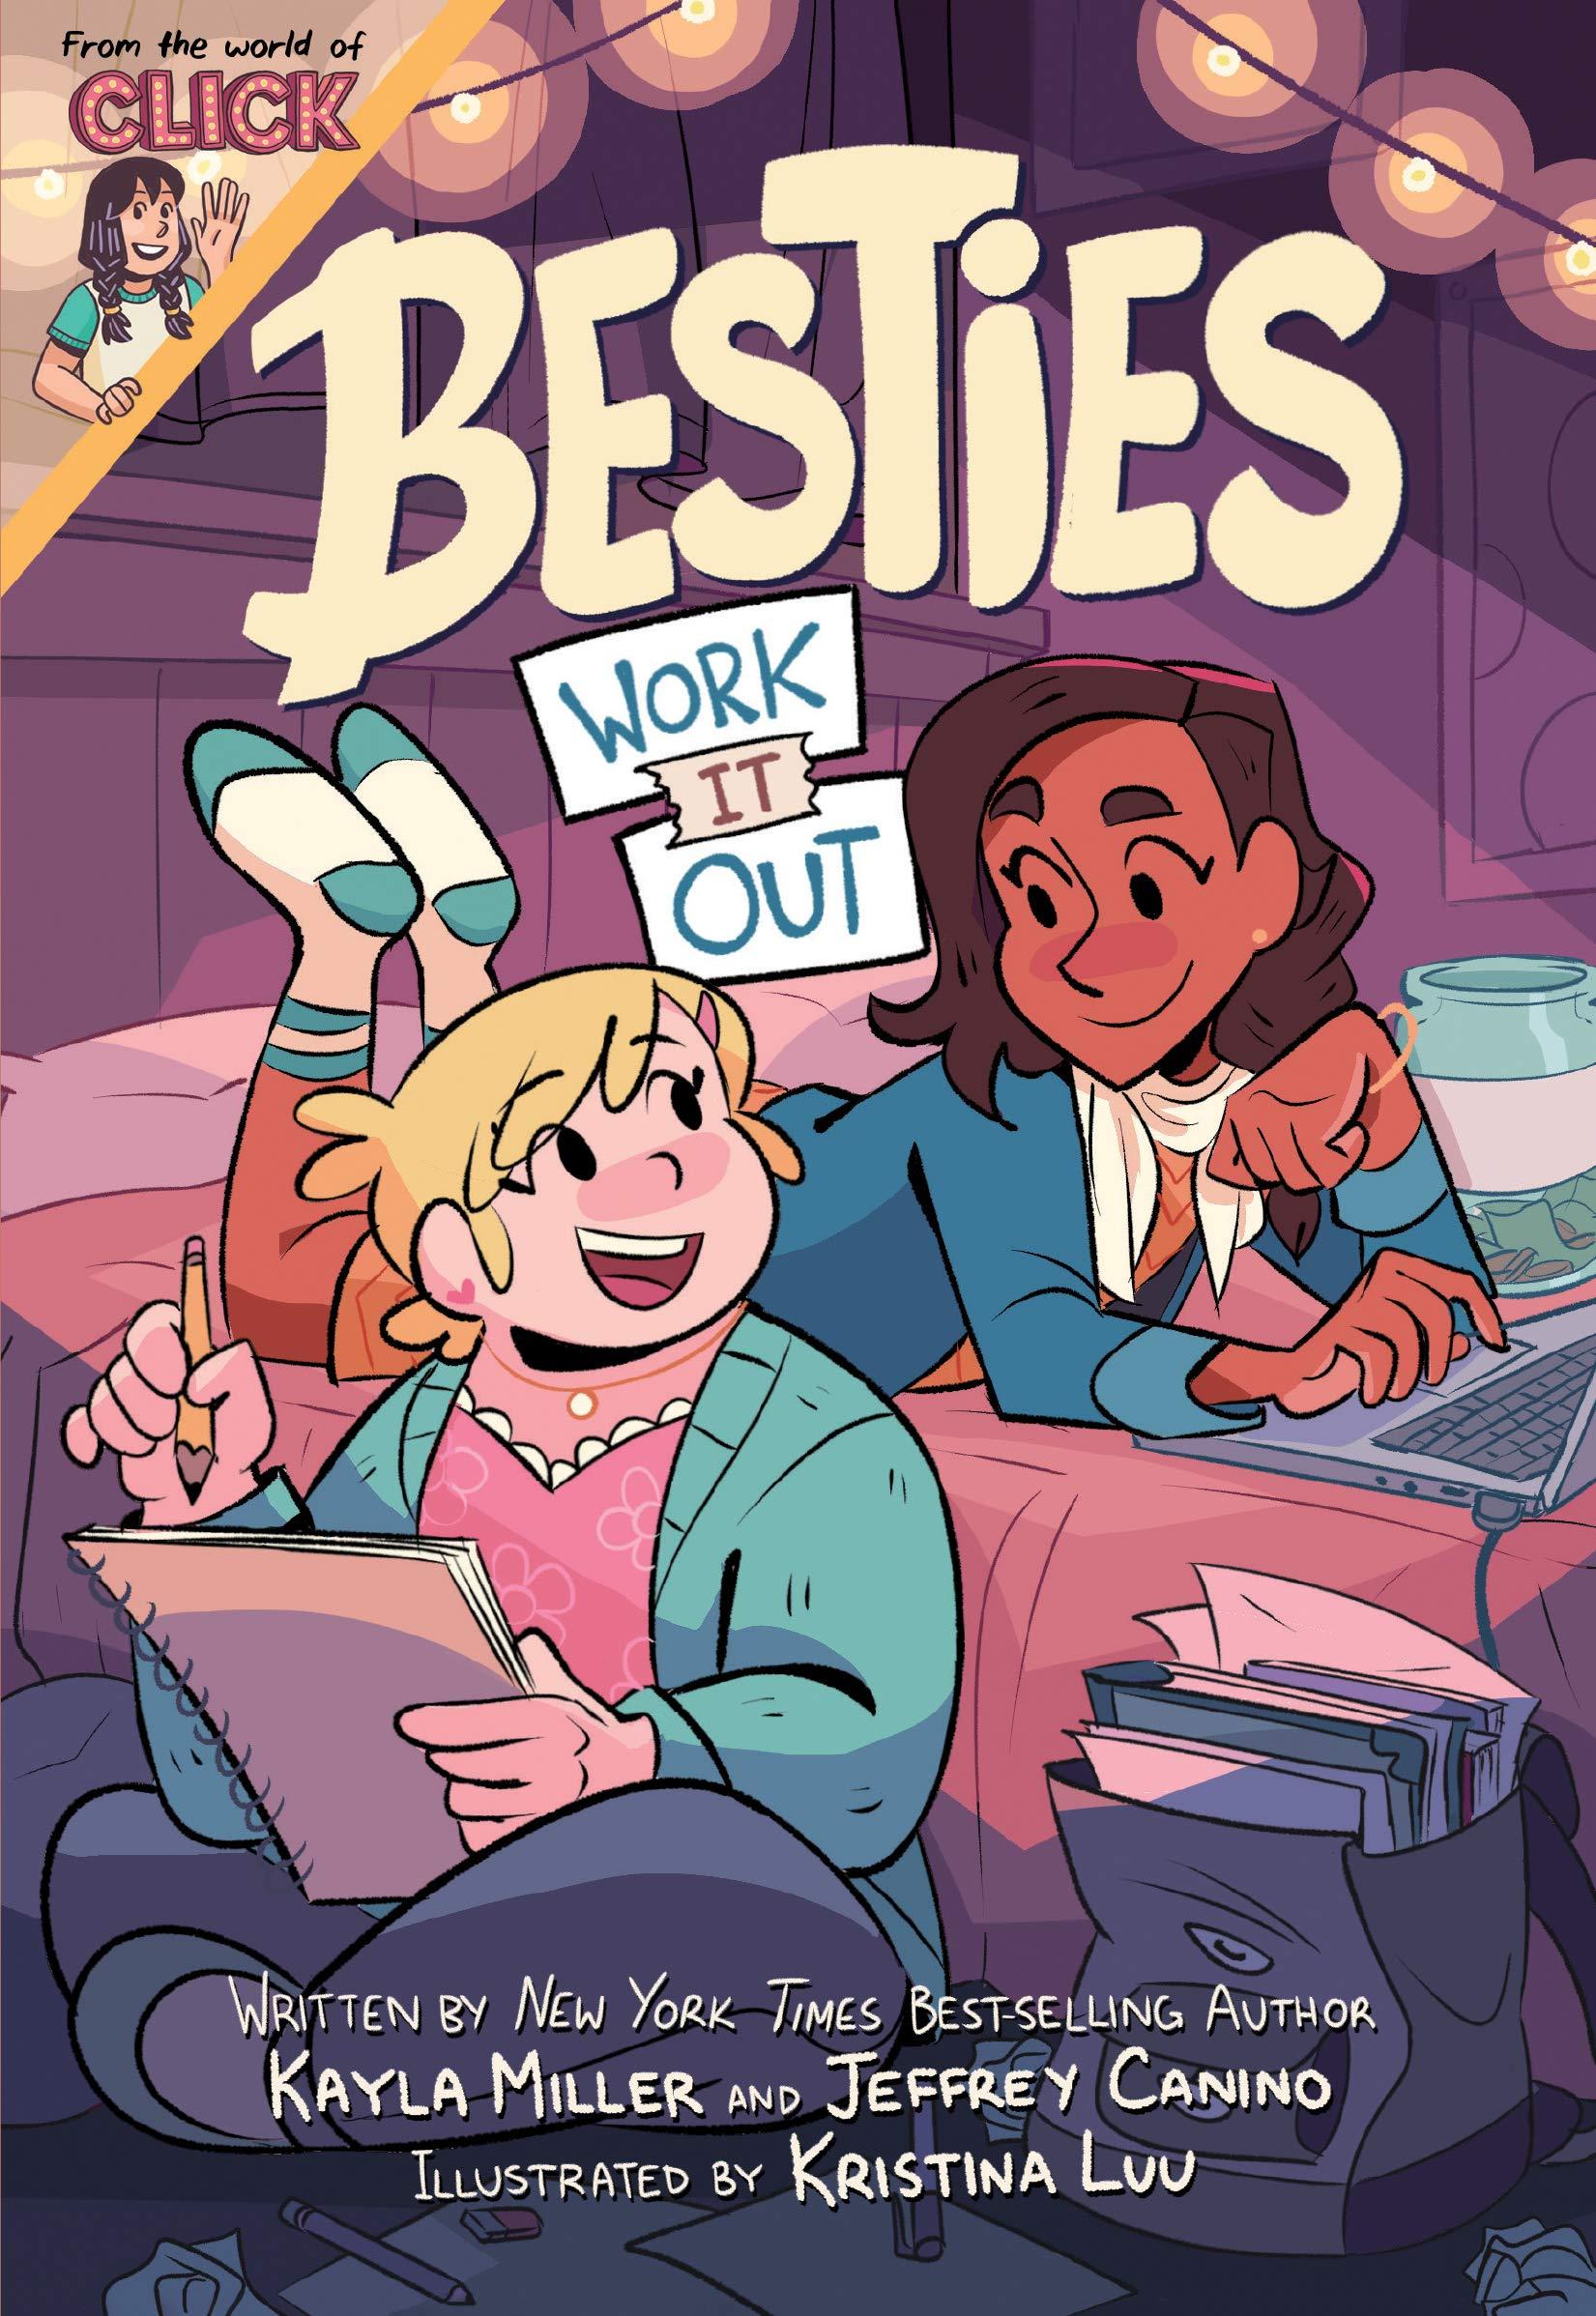 Besties: Work It Out (The World of Click): Miller, Kayla, Canino, Jeffrey,  Luu, Kristina: 9780358561910: Amazon.com: Books